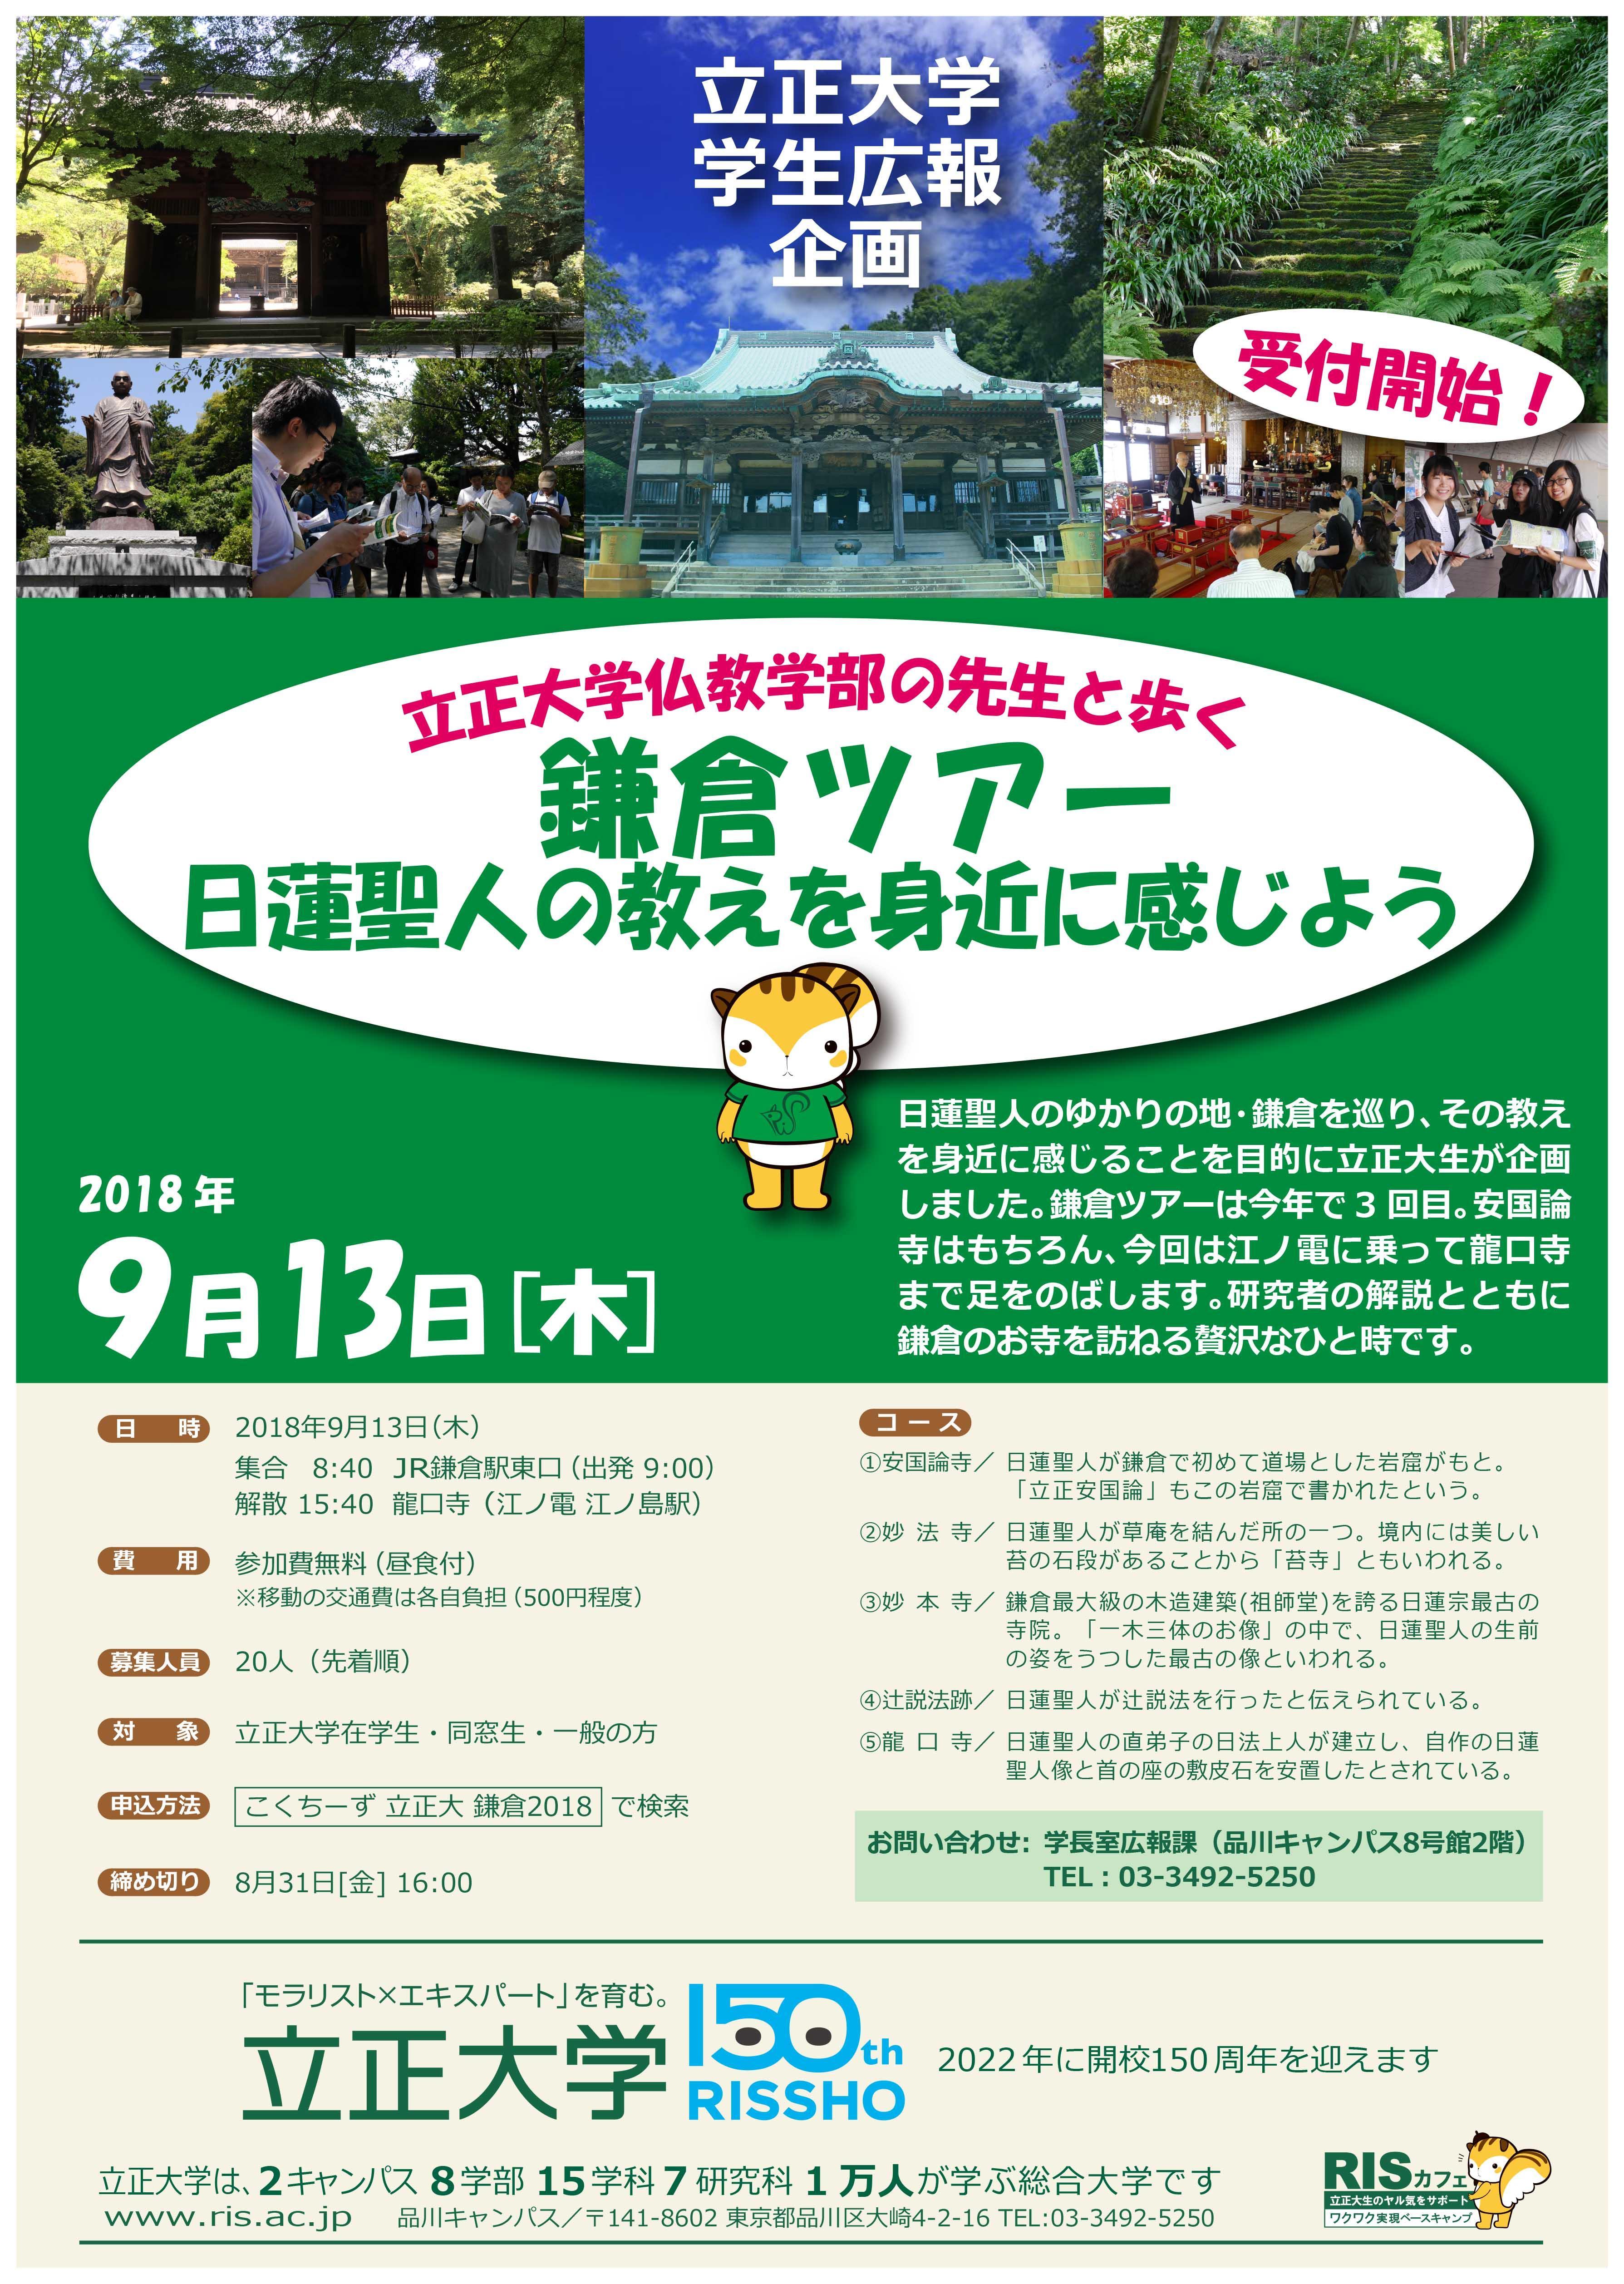 学生広報企画 立正大学仏教学部の先生と歩く鎌倉ツアー開催 -- 9月13日(木) --